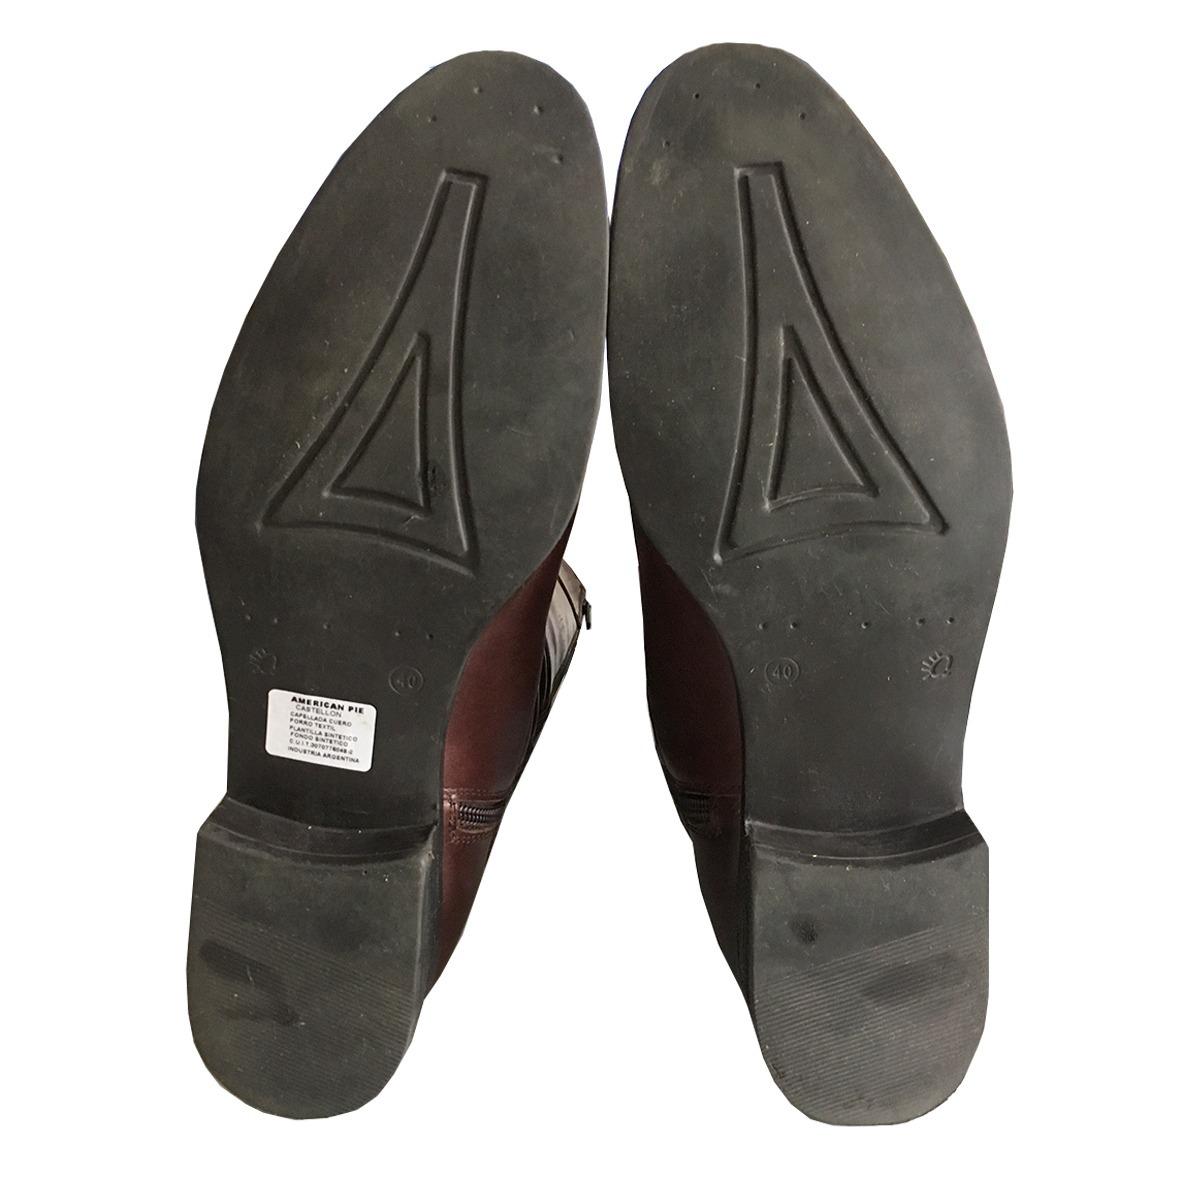 455d7402834df botas marrón american pie caña alta nº40 impecables! Cargando zoom.